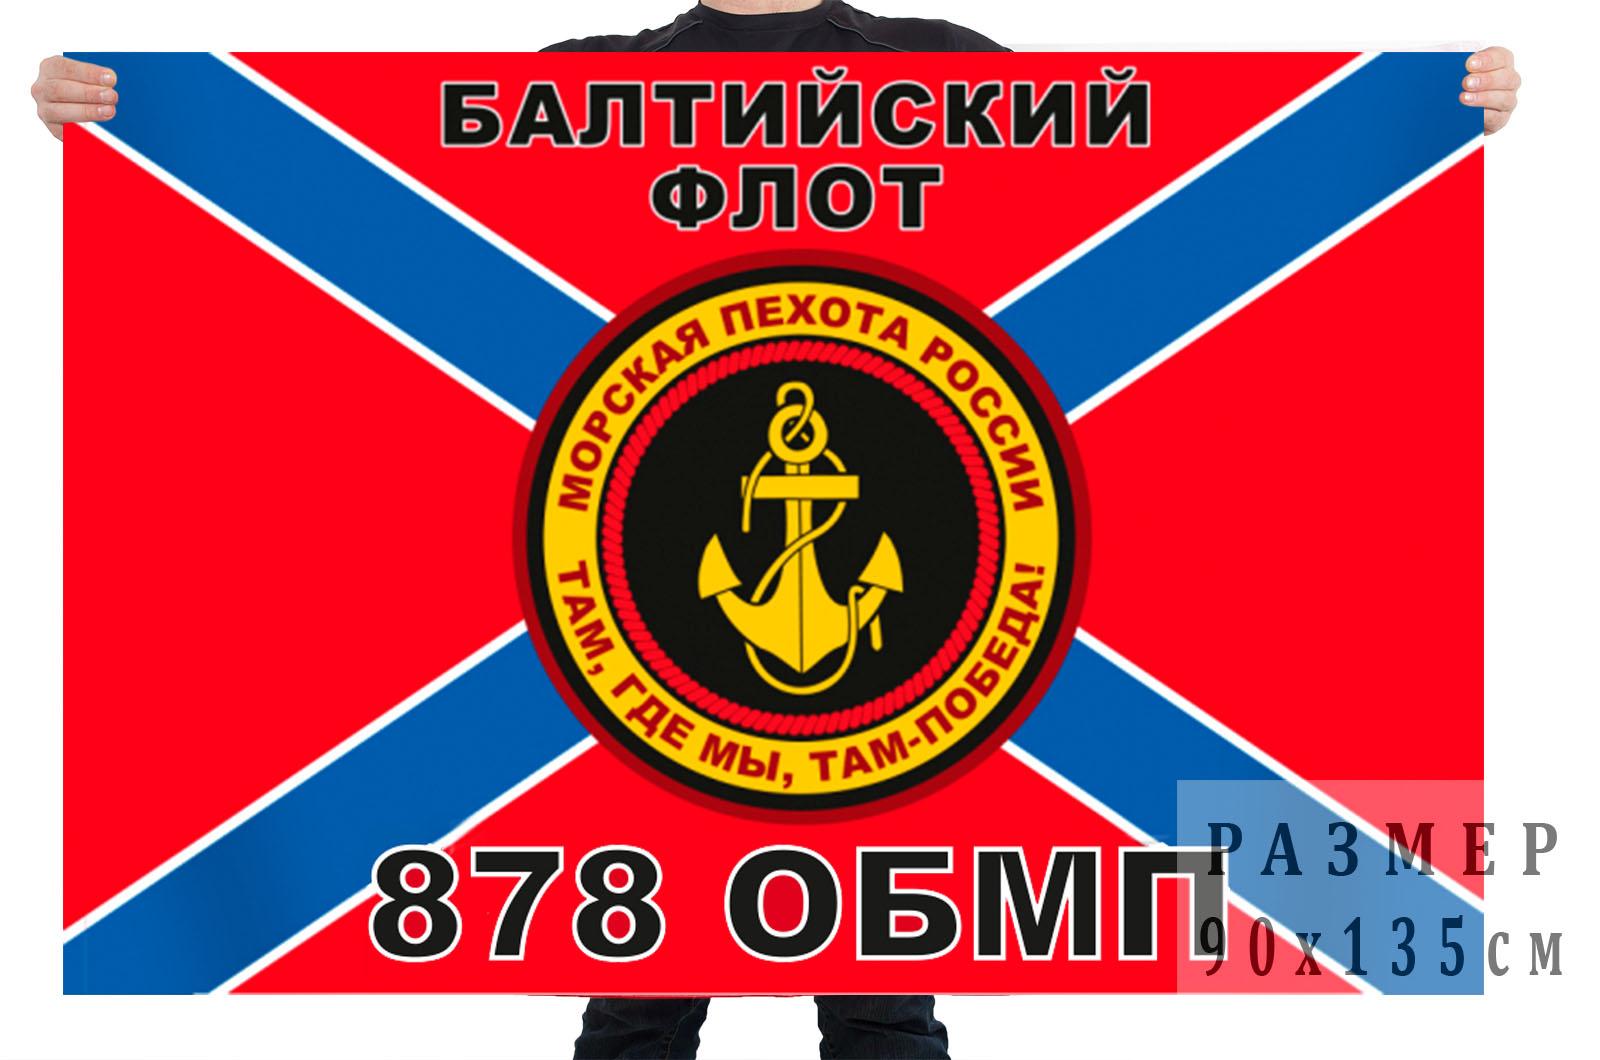 Флаг Морской пехоты 878 ОБМП